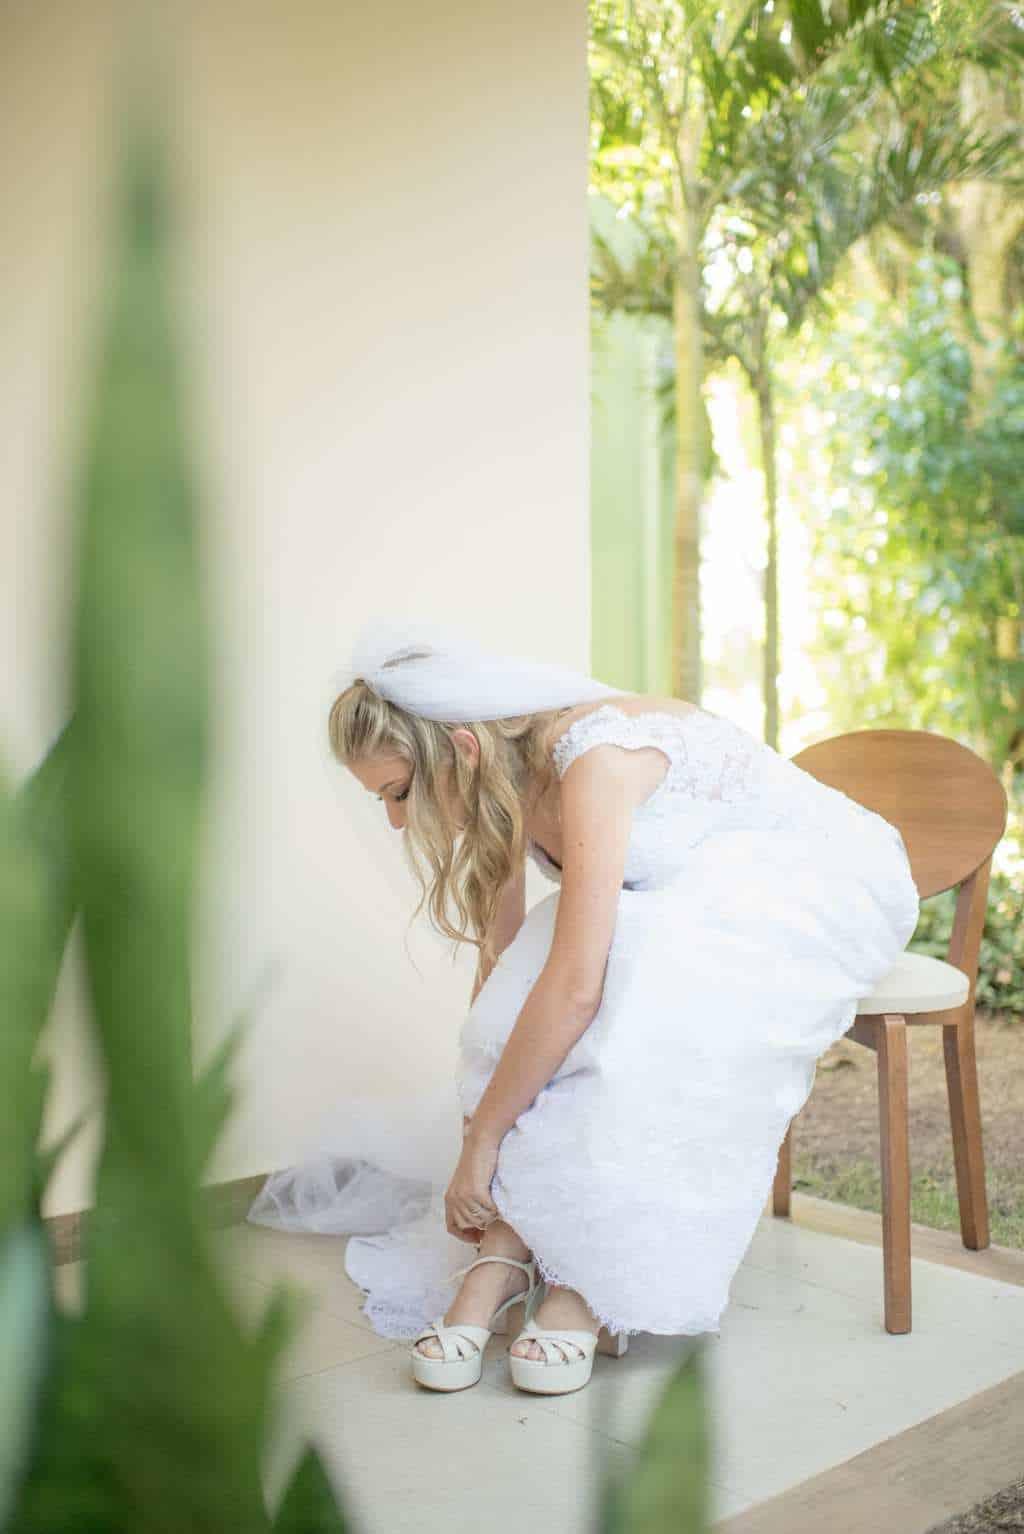 casamento-de-dia-casamento-Nicole-e-Thales-casamento-no-jardim-csasamento-ao-ar-livre-Fotografia-Marina-Fava-Galeria-Jardim-Rio-de-Janeiro-36